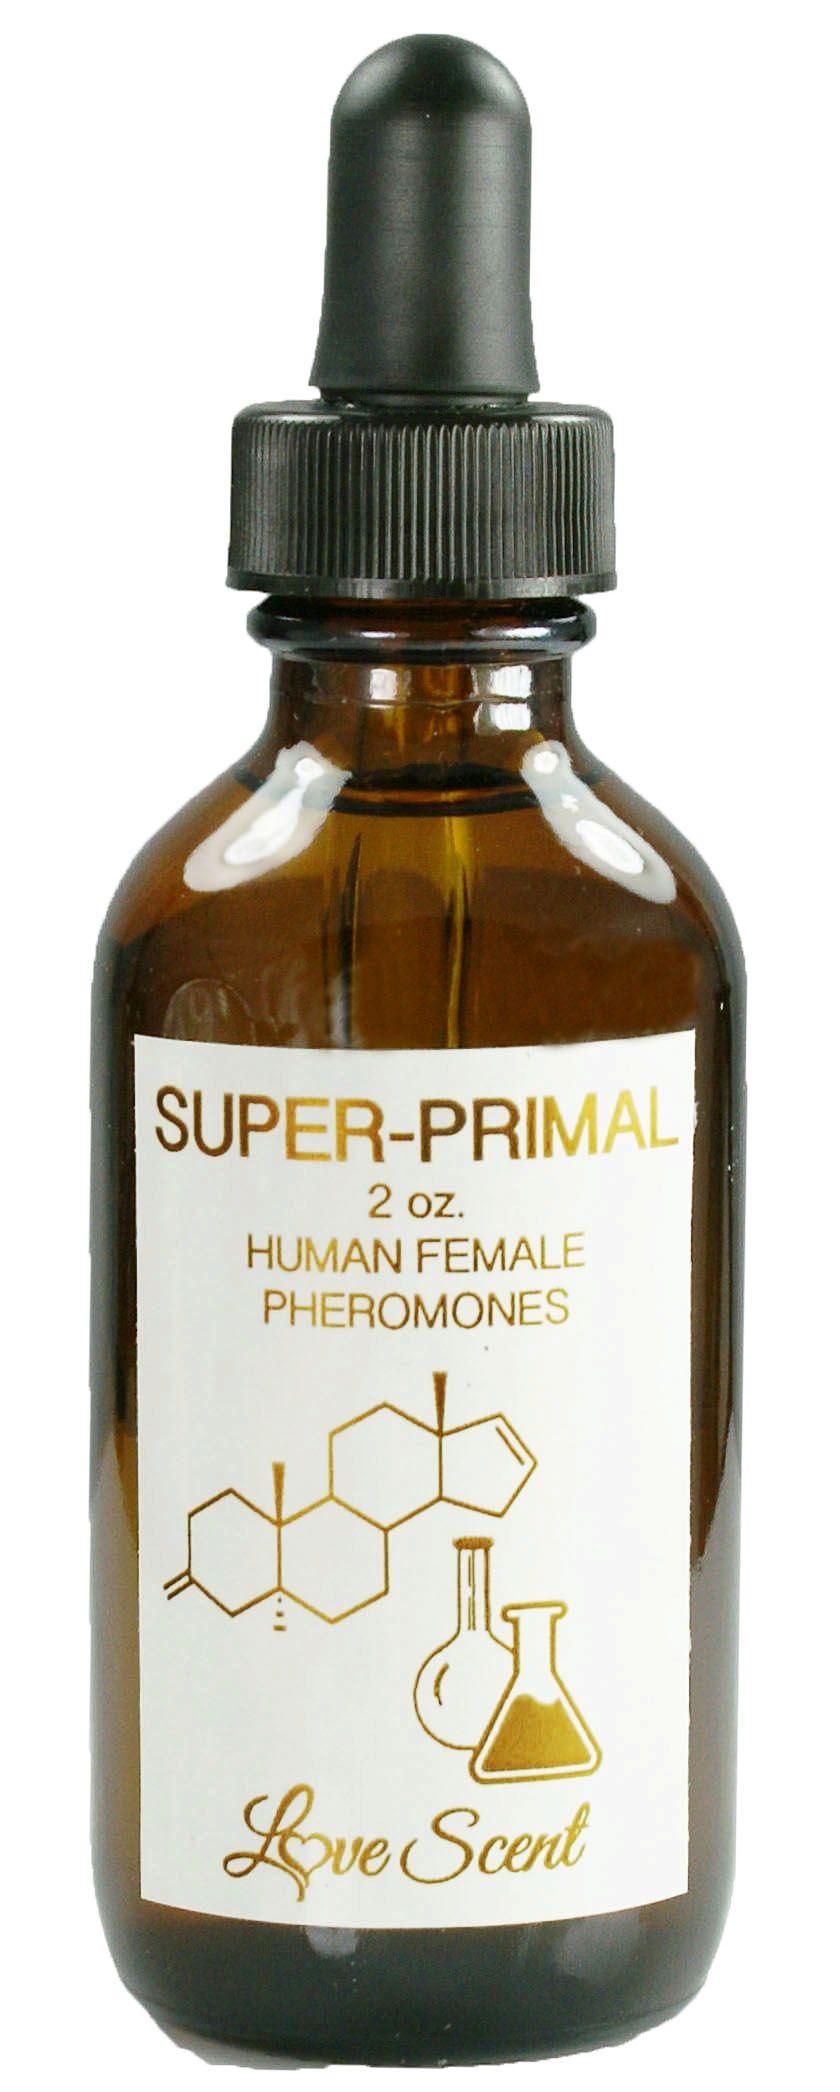 Super Primal Pheromones